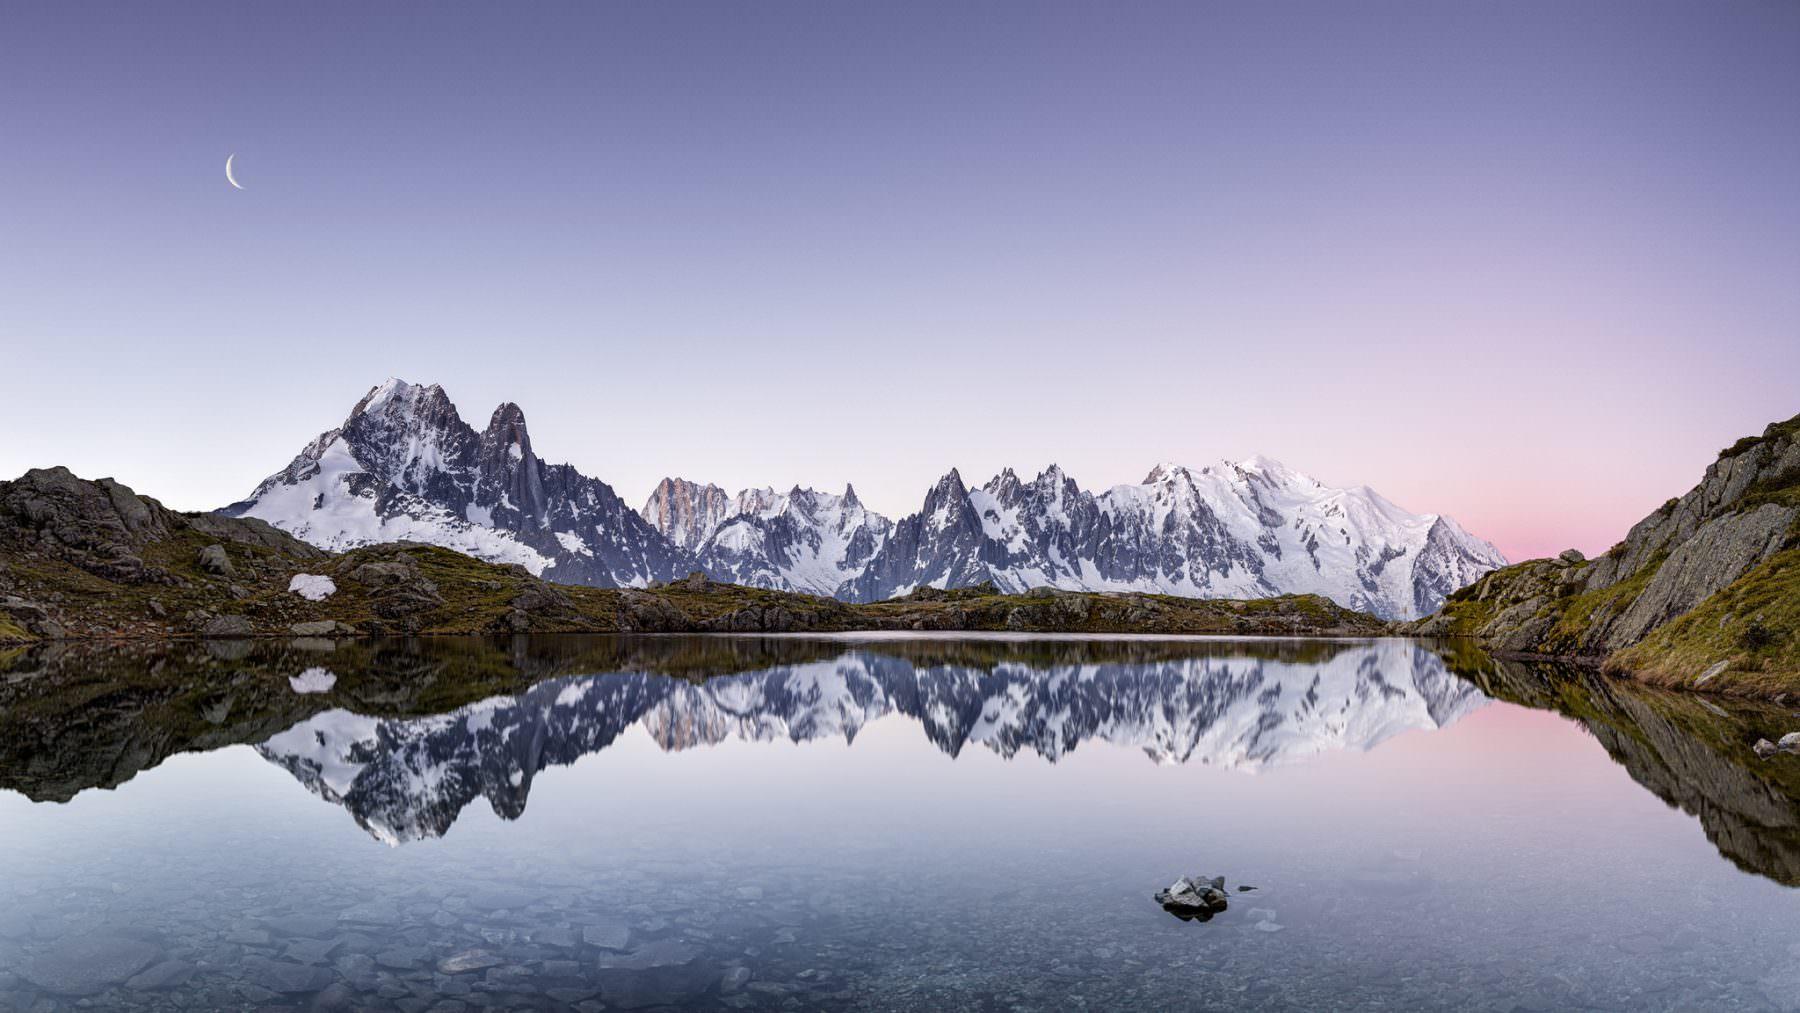 Morgenstimmung am lac des Cheserys mit Blick auf den Mont Blanc